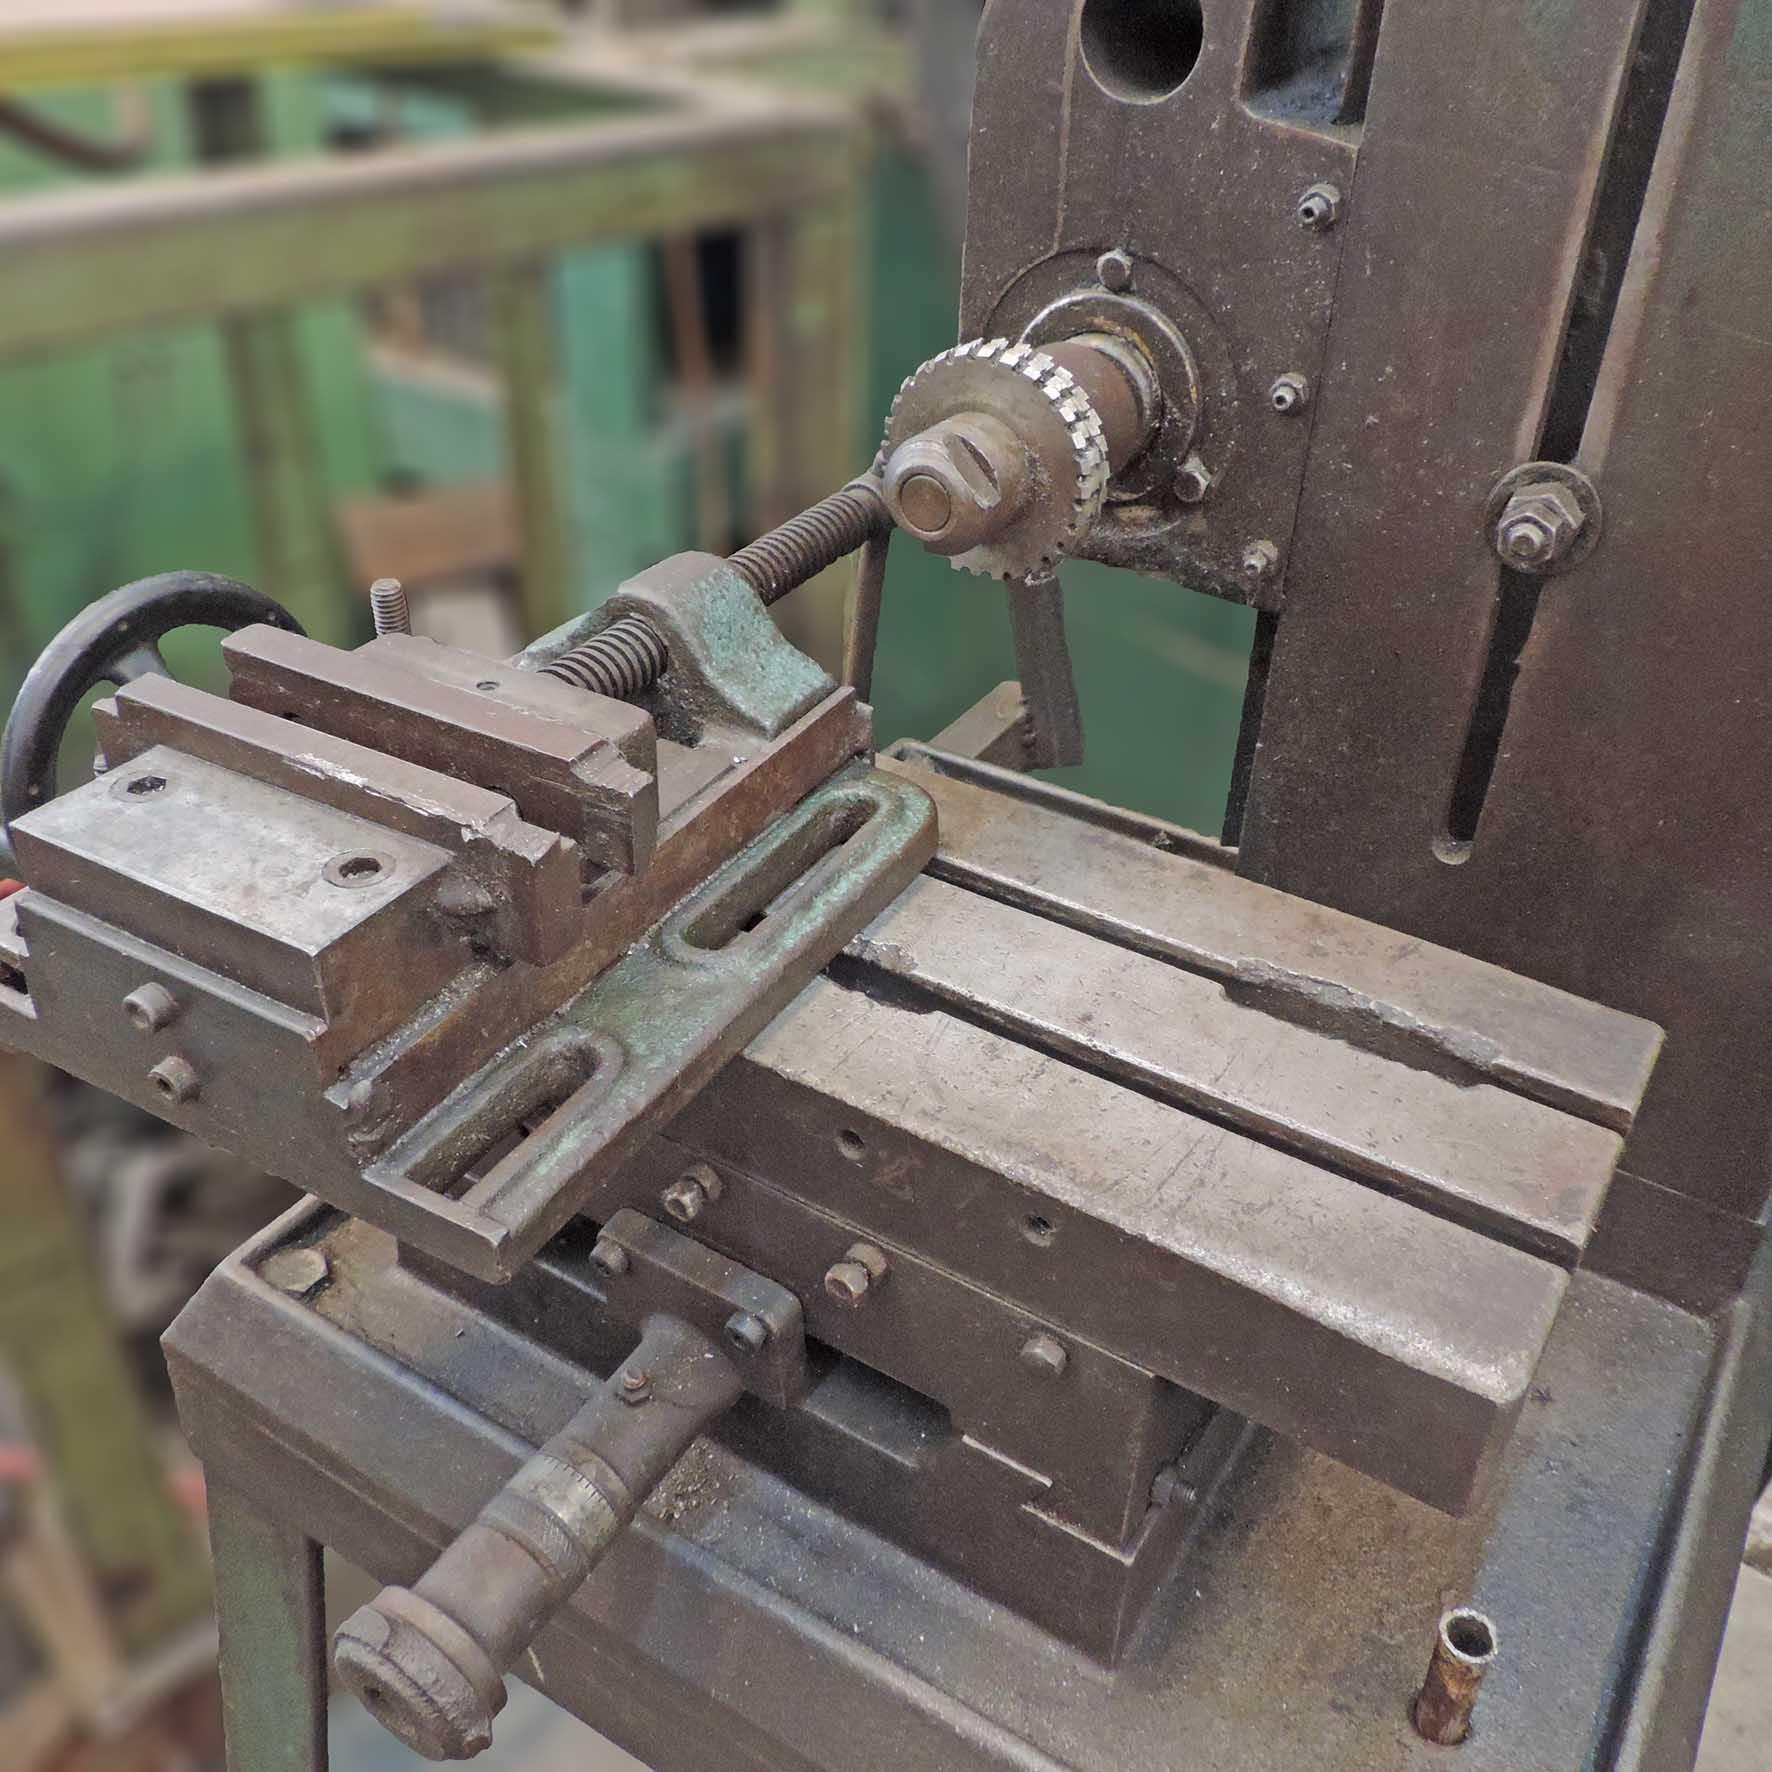 Fresa Horizontal de Produção Modelo MMF 0135 - MM4 Usado